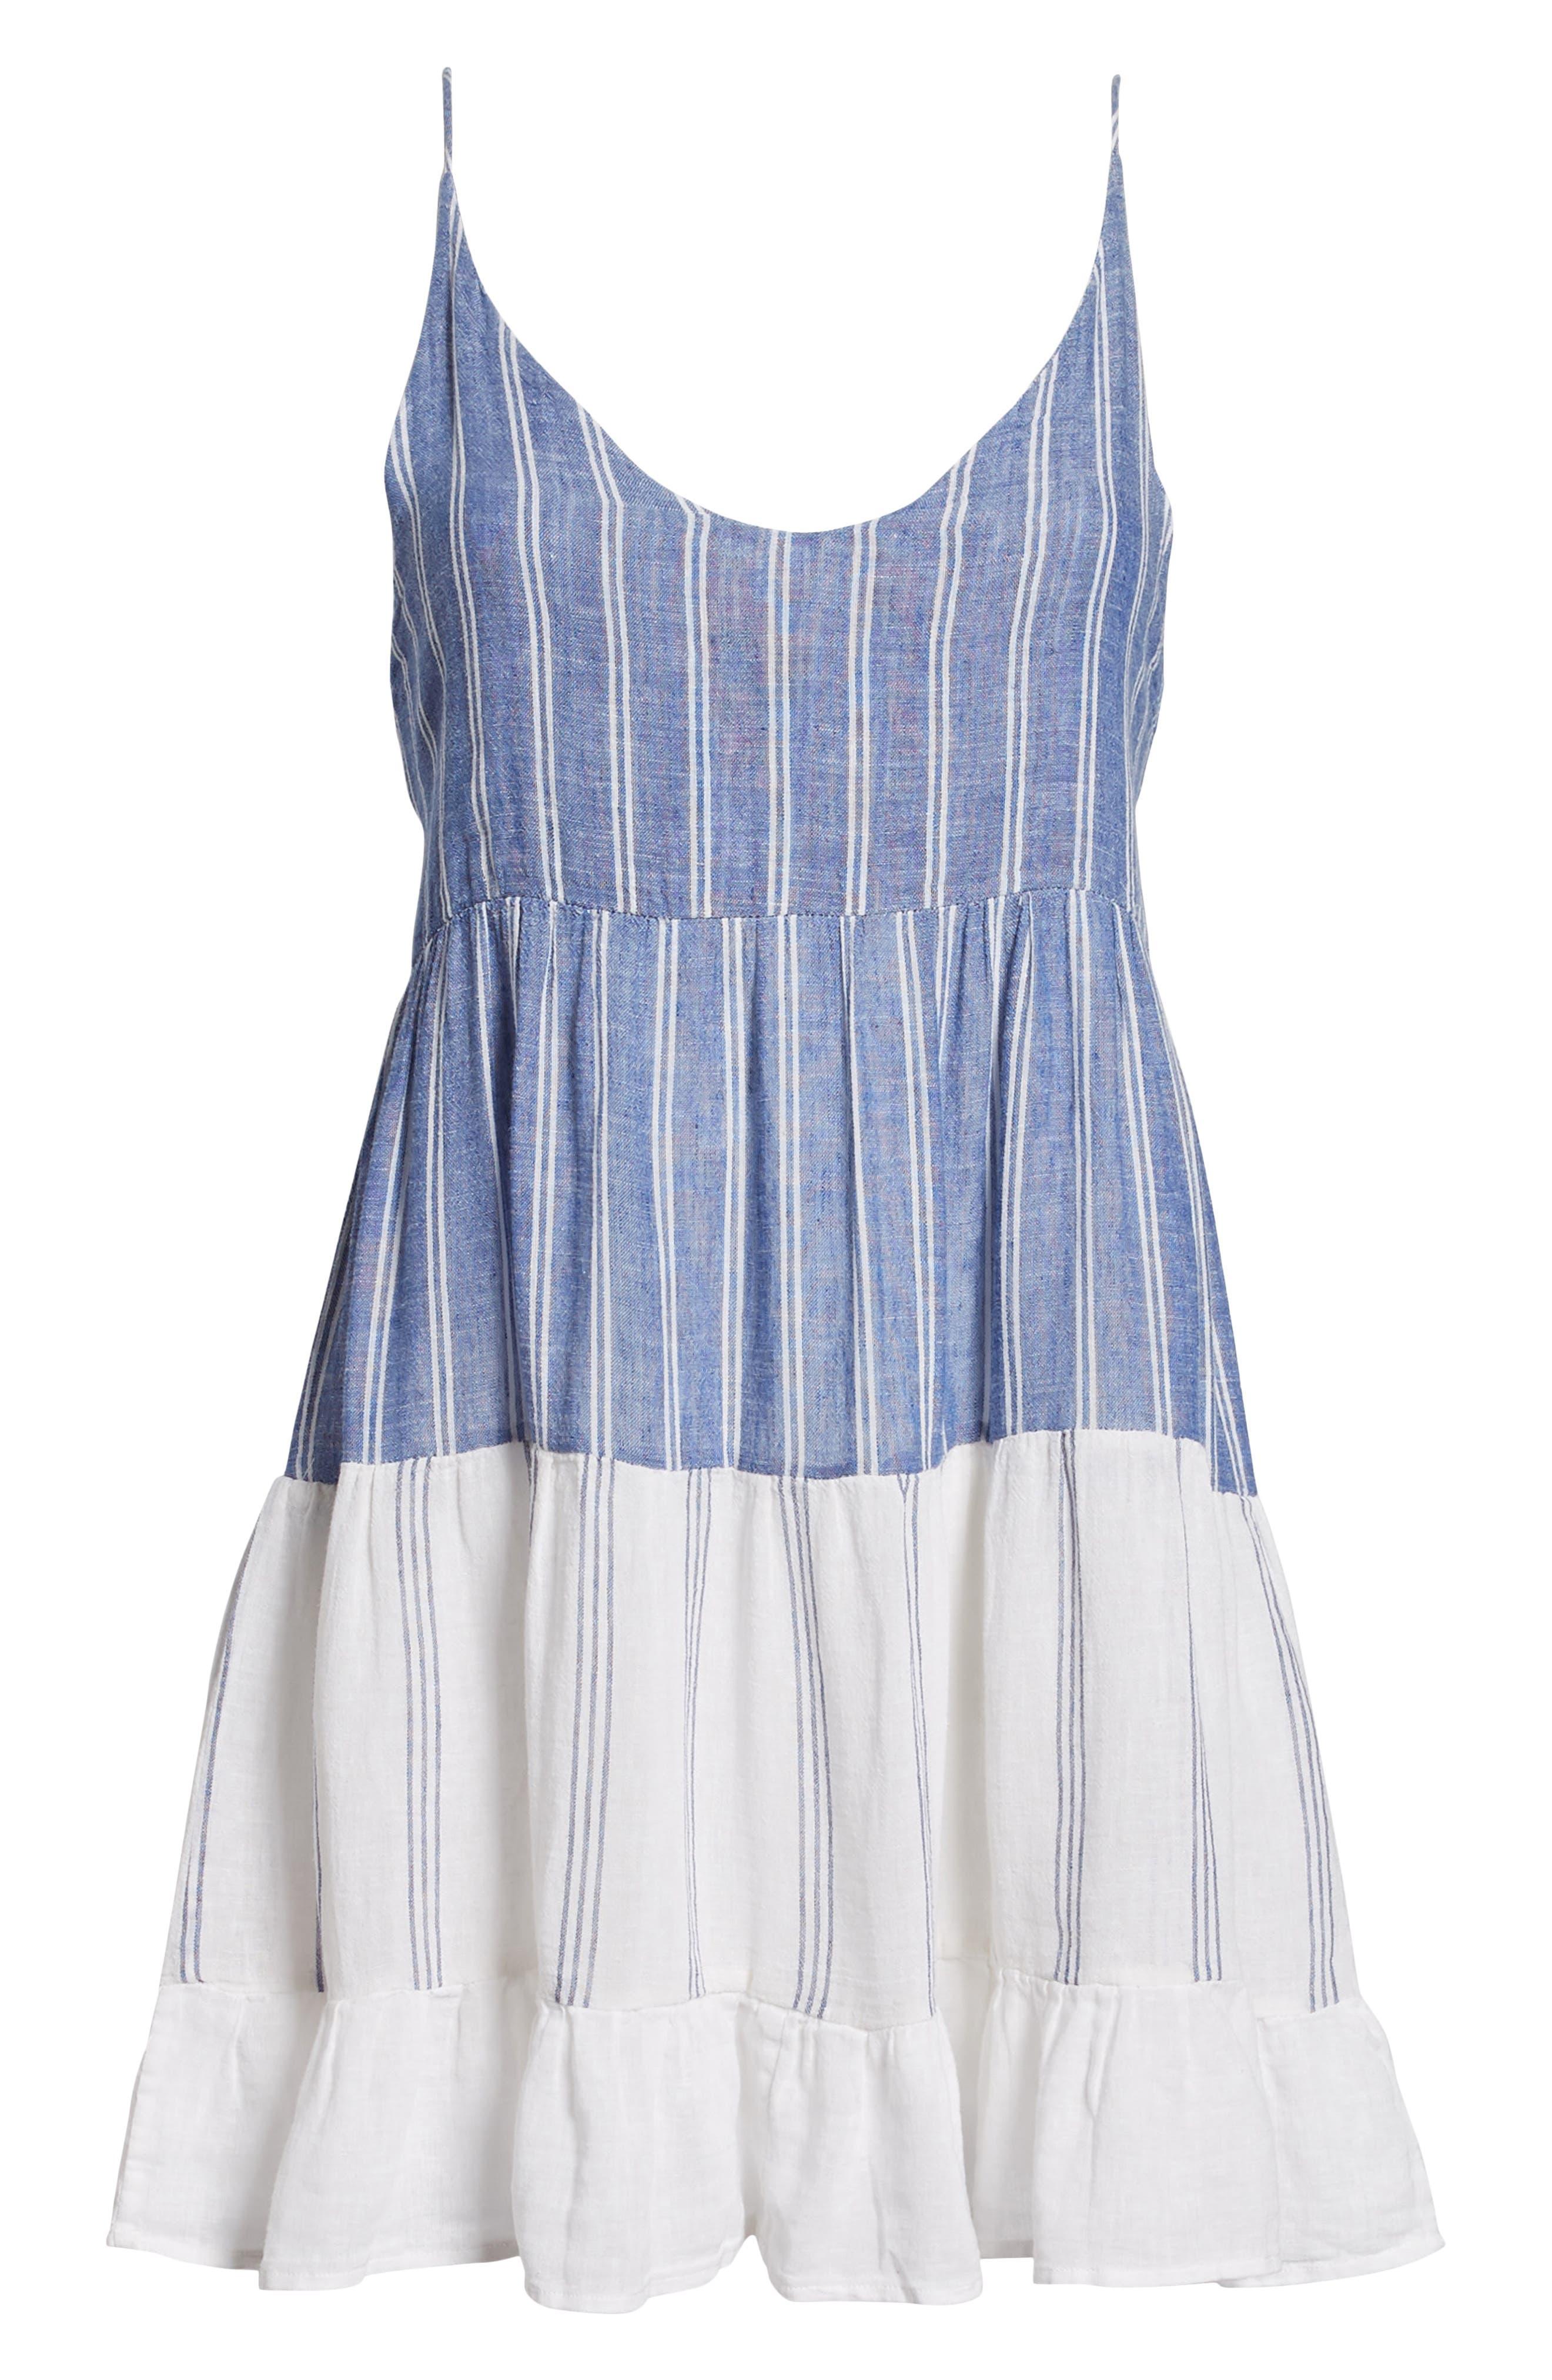 Mattie Dress,                             Alternate thumbnail 6, color,                             450